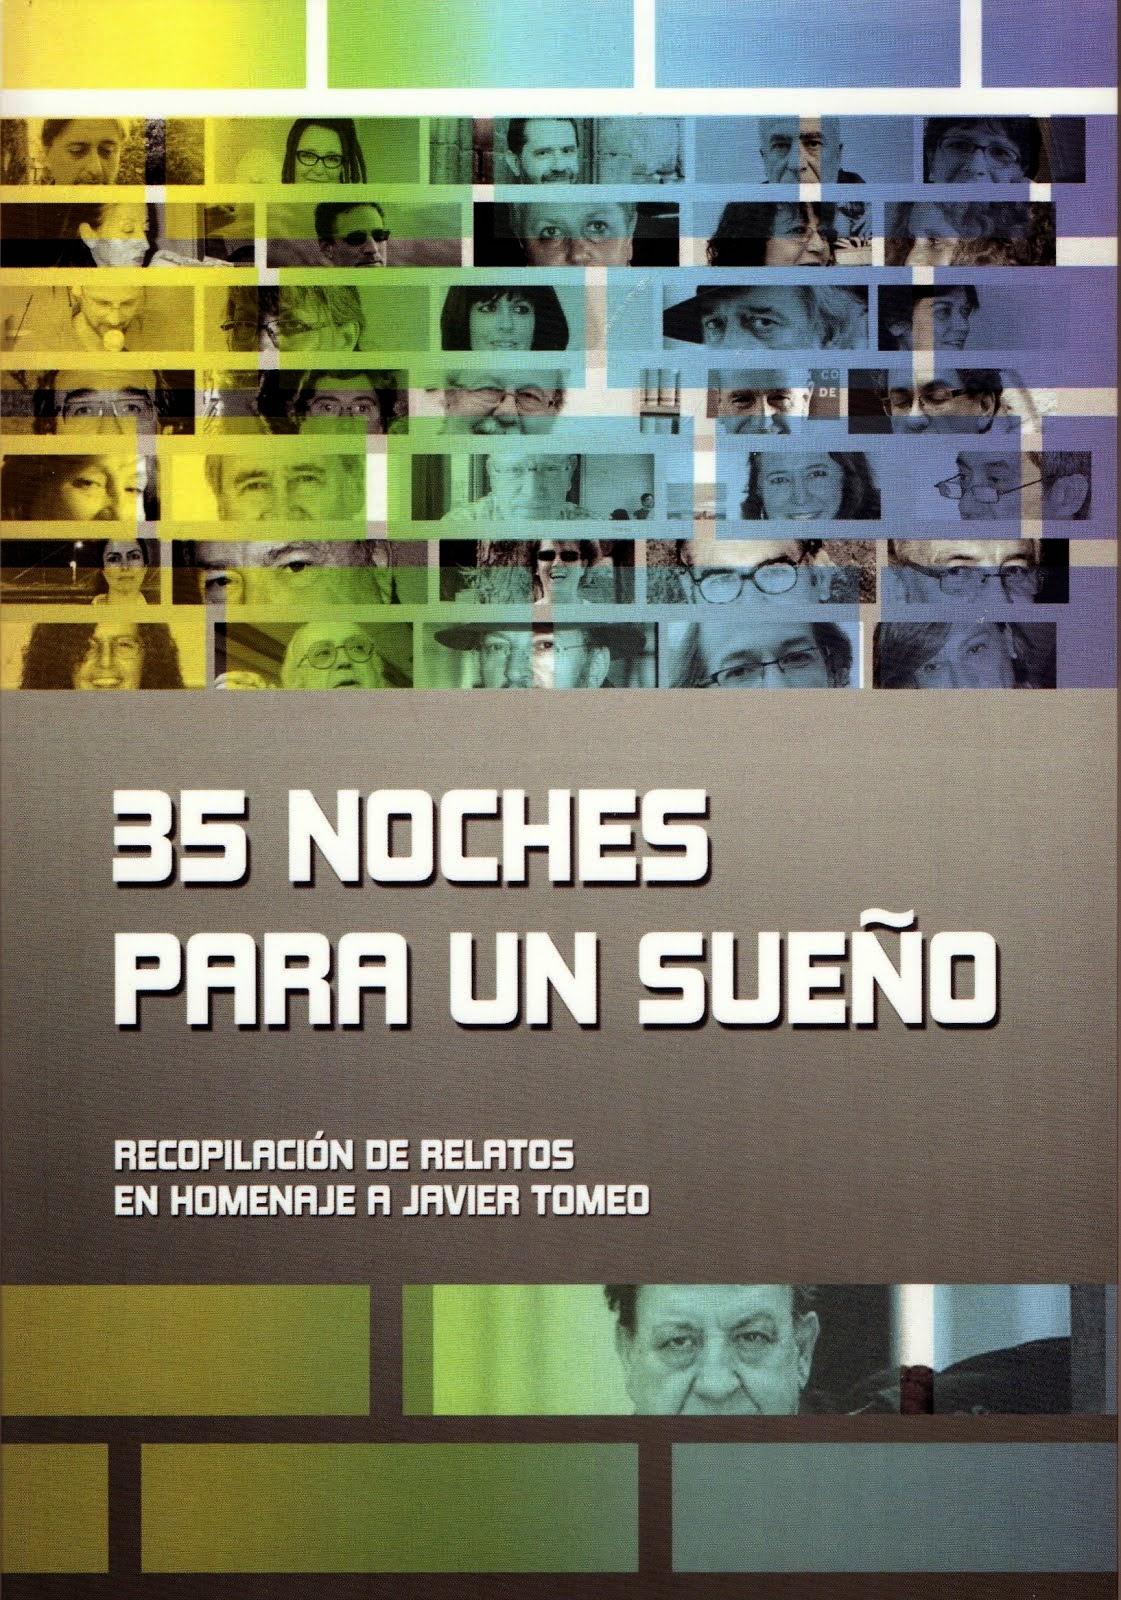 35 noches para un sueño (VV.AA.)